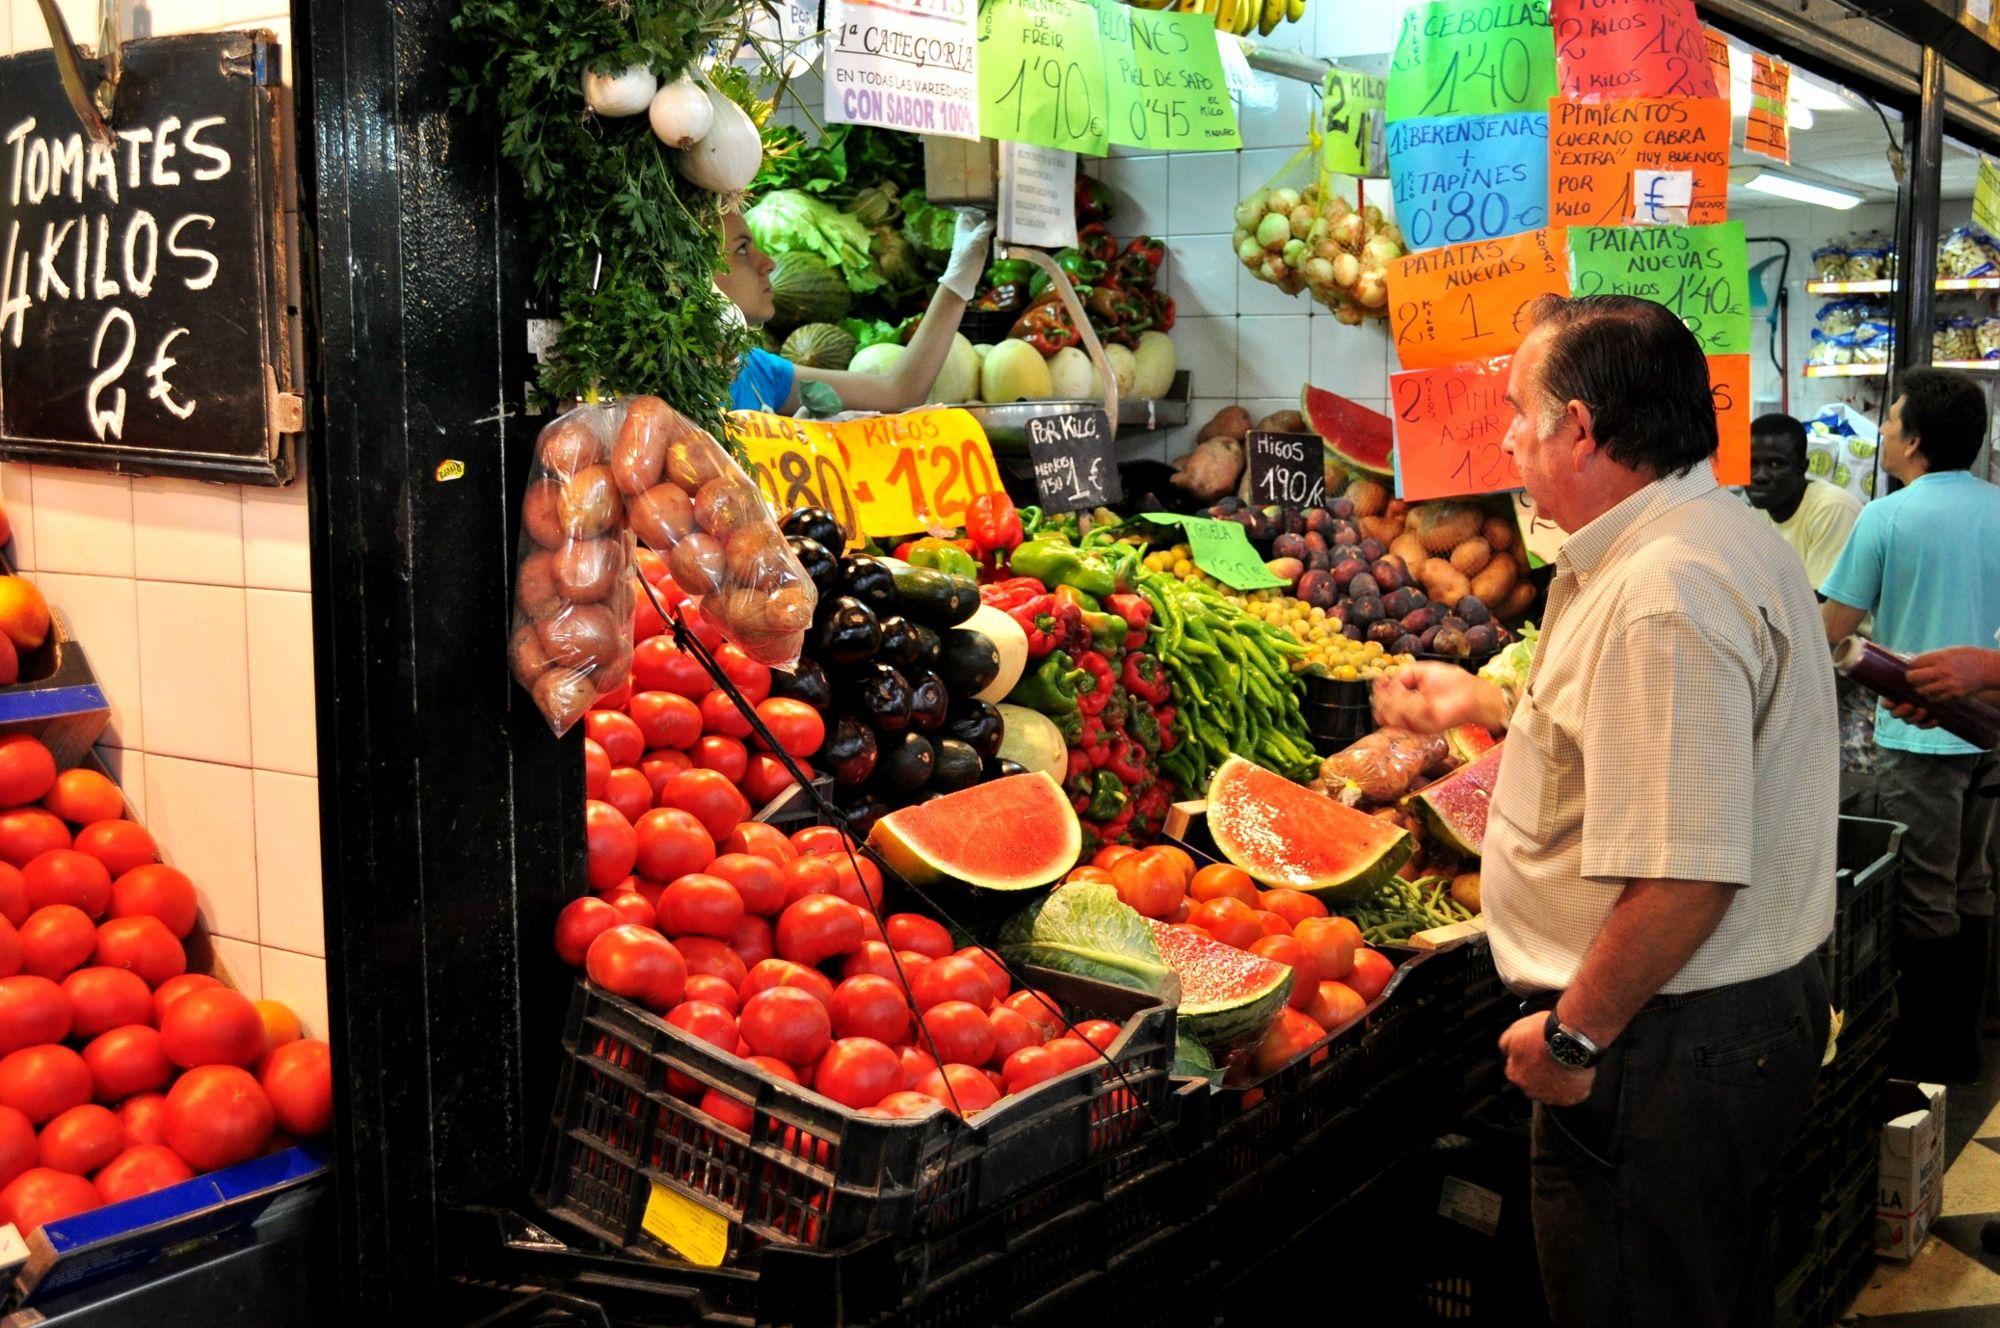 Imagen de una frutería en el mercado central de Jerez.